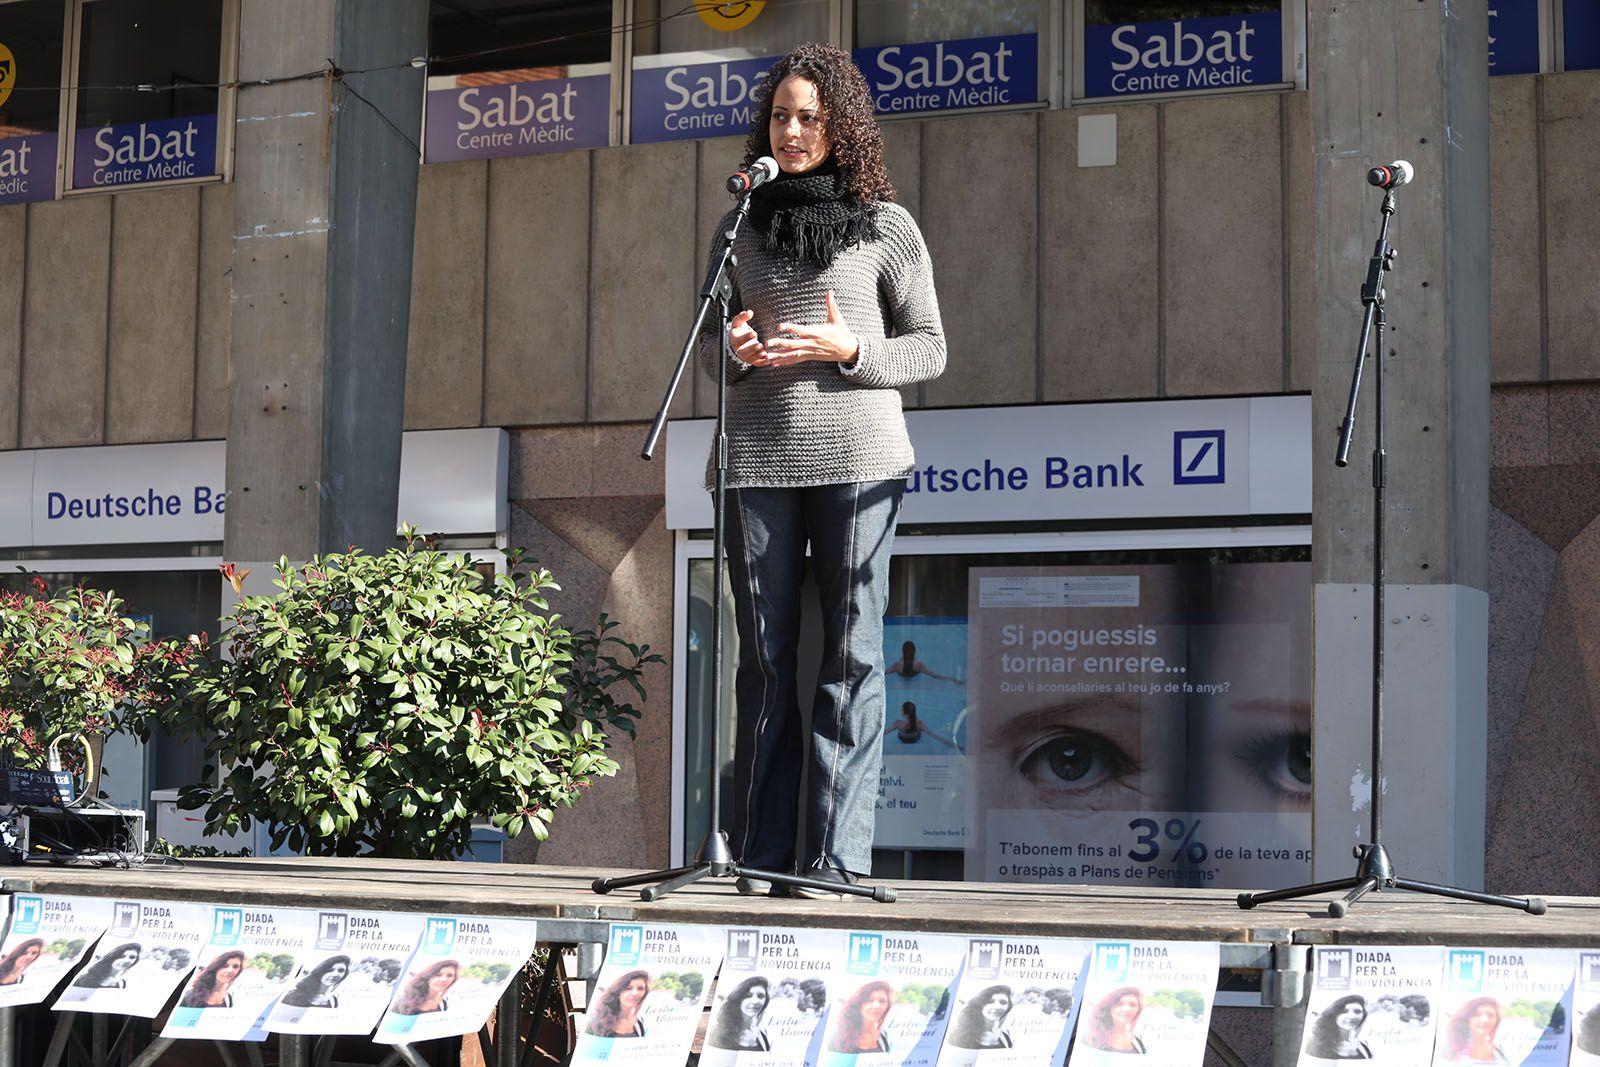 Jornada per a la no violència. Foto: Lali Álvarez